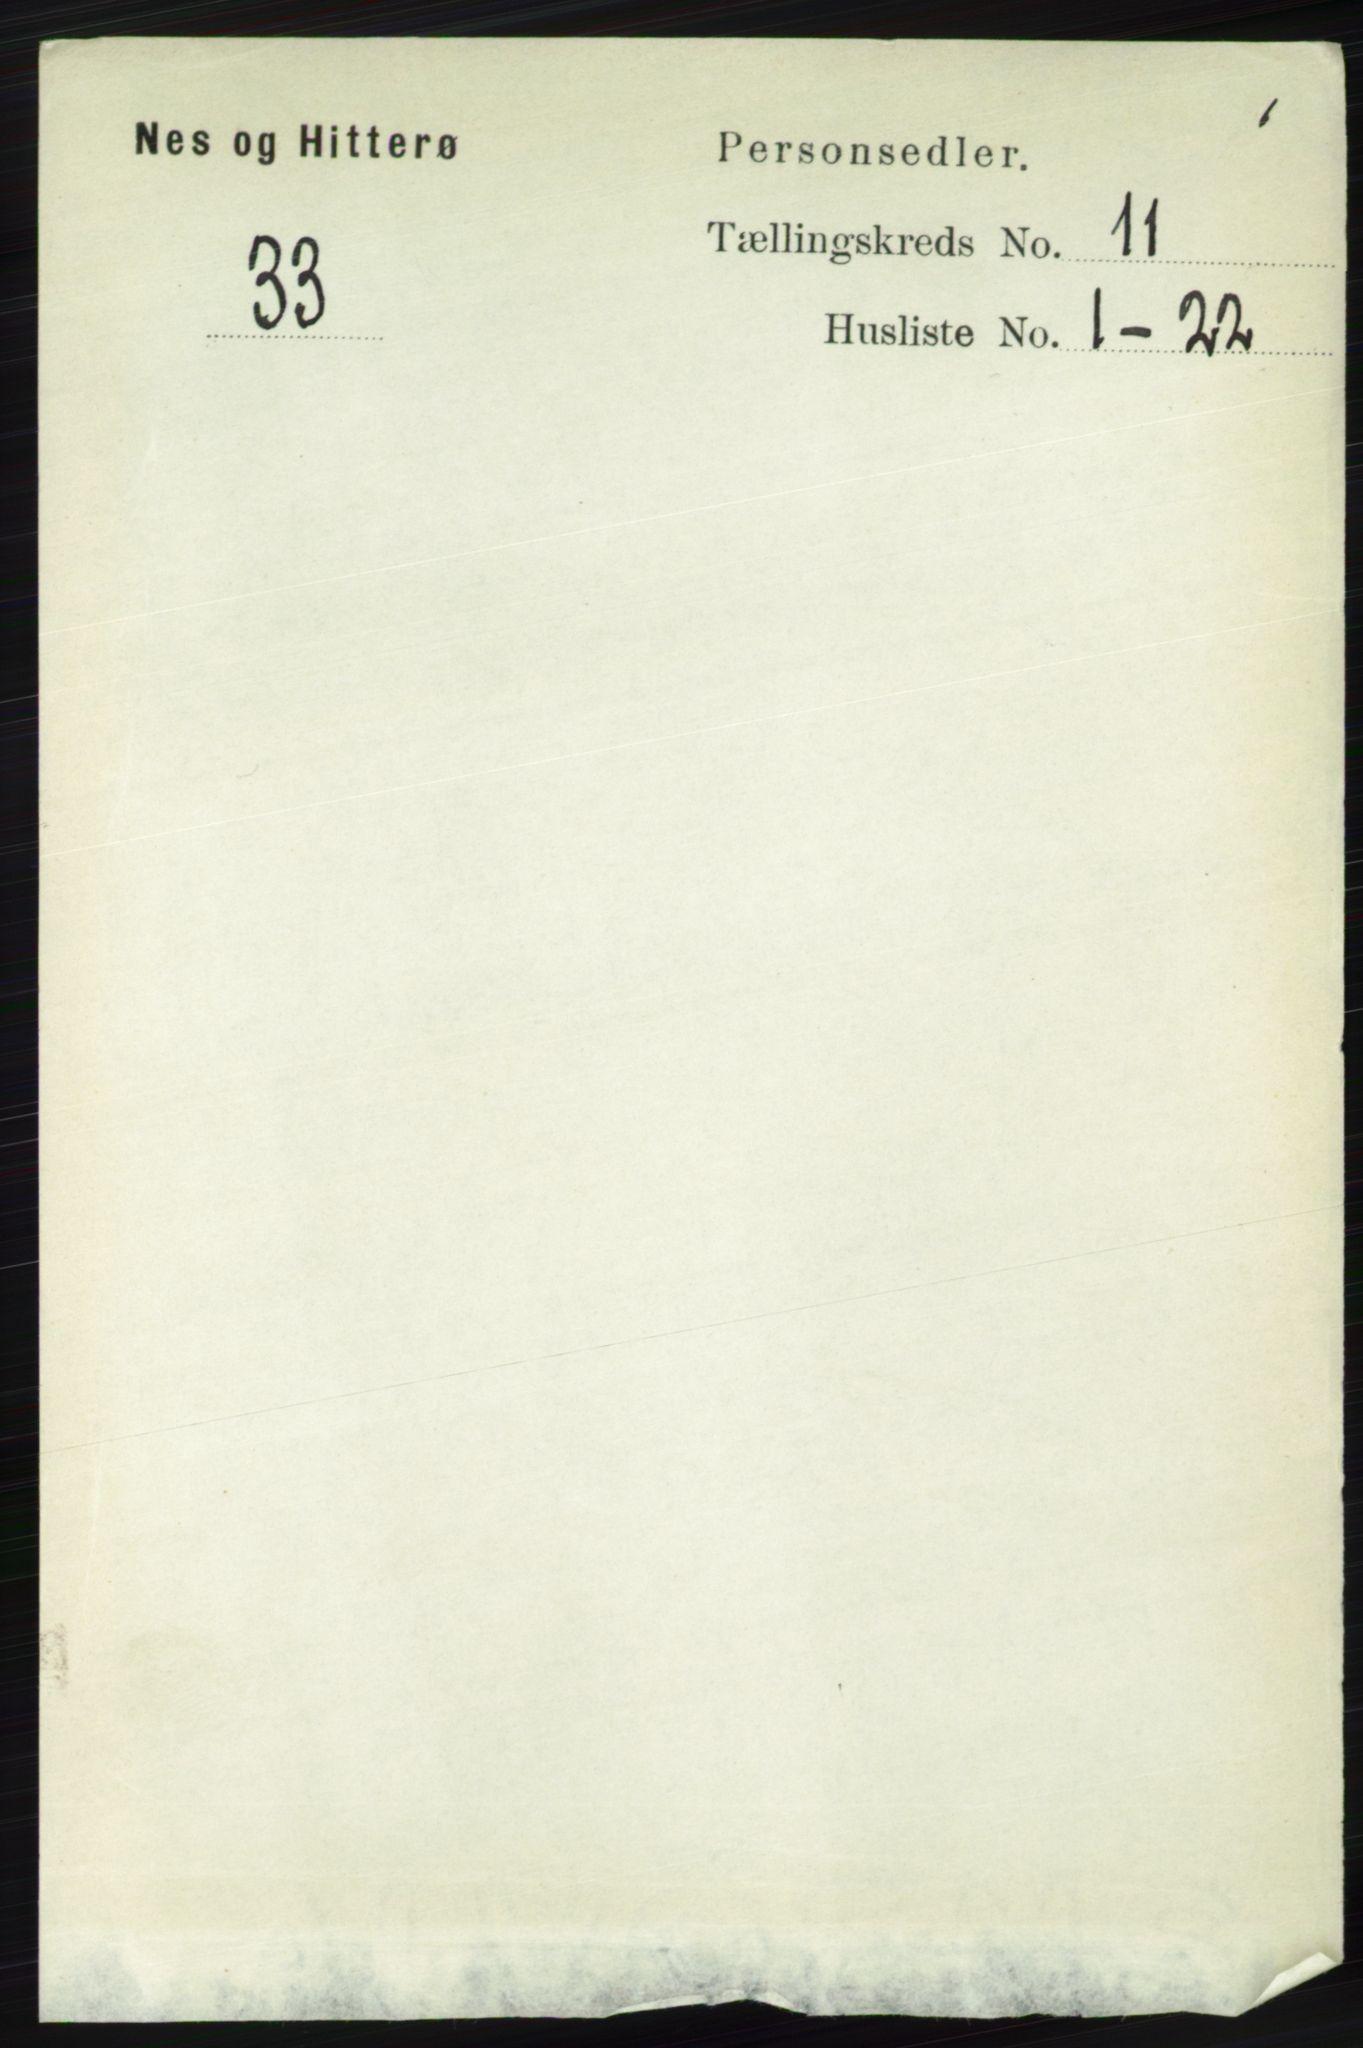 RA, Folketelling 1891 for 1043 Hidra og Nes herred, 1891, s. 4458